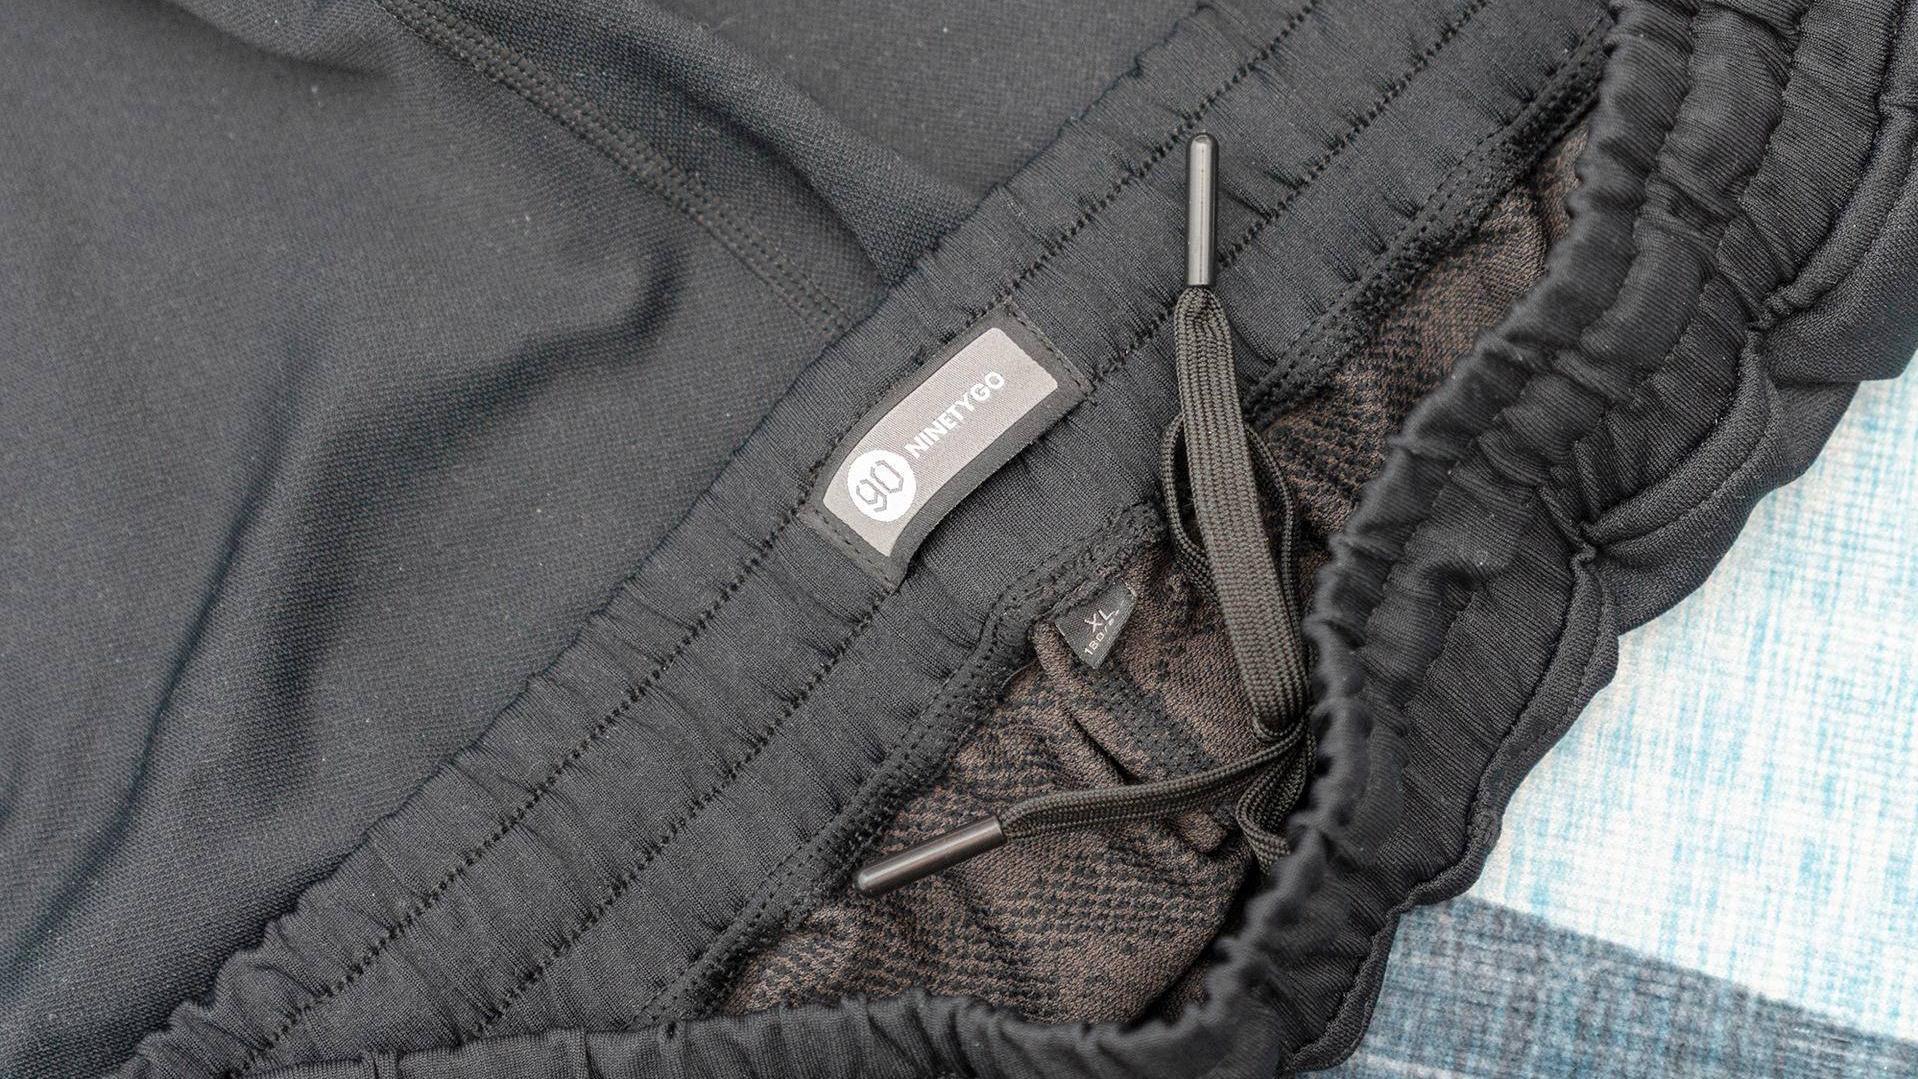 小米有品服饰新品,高弹力、干爽透气,90分潮牌带你运动